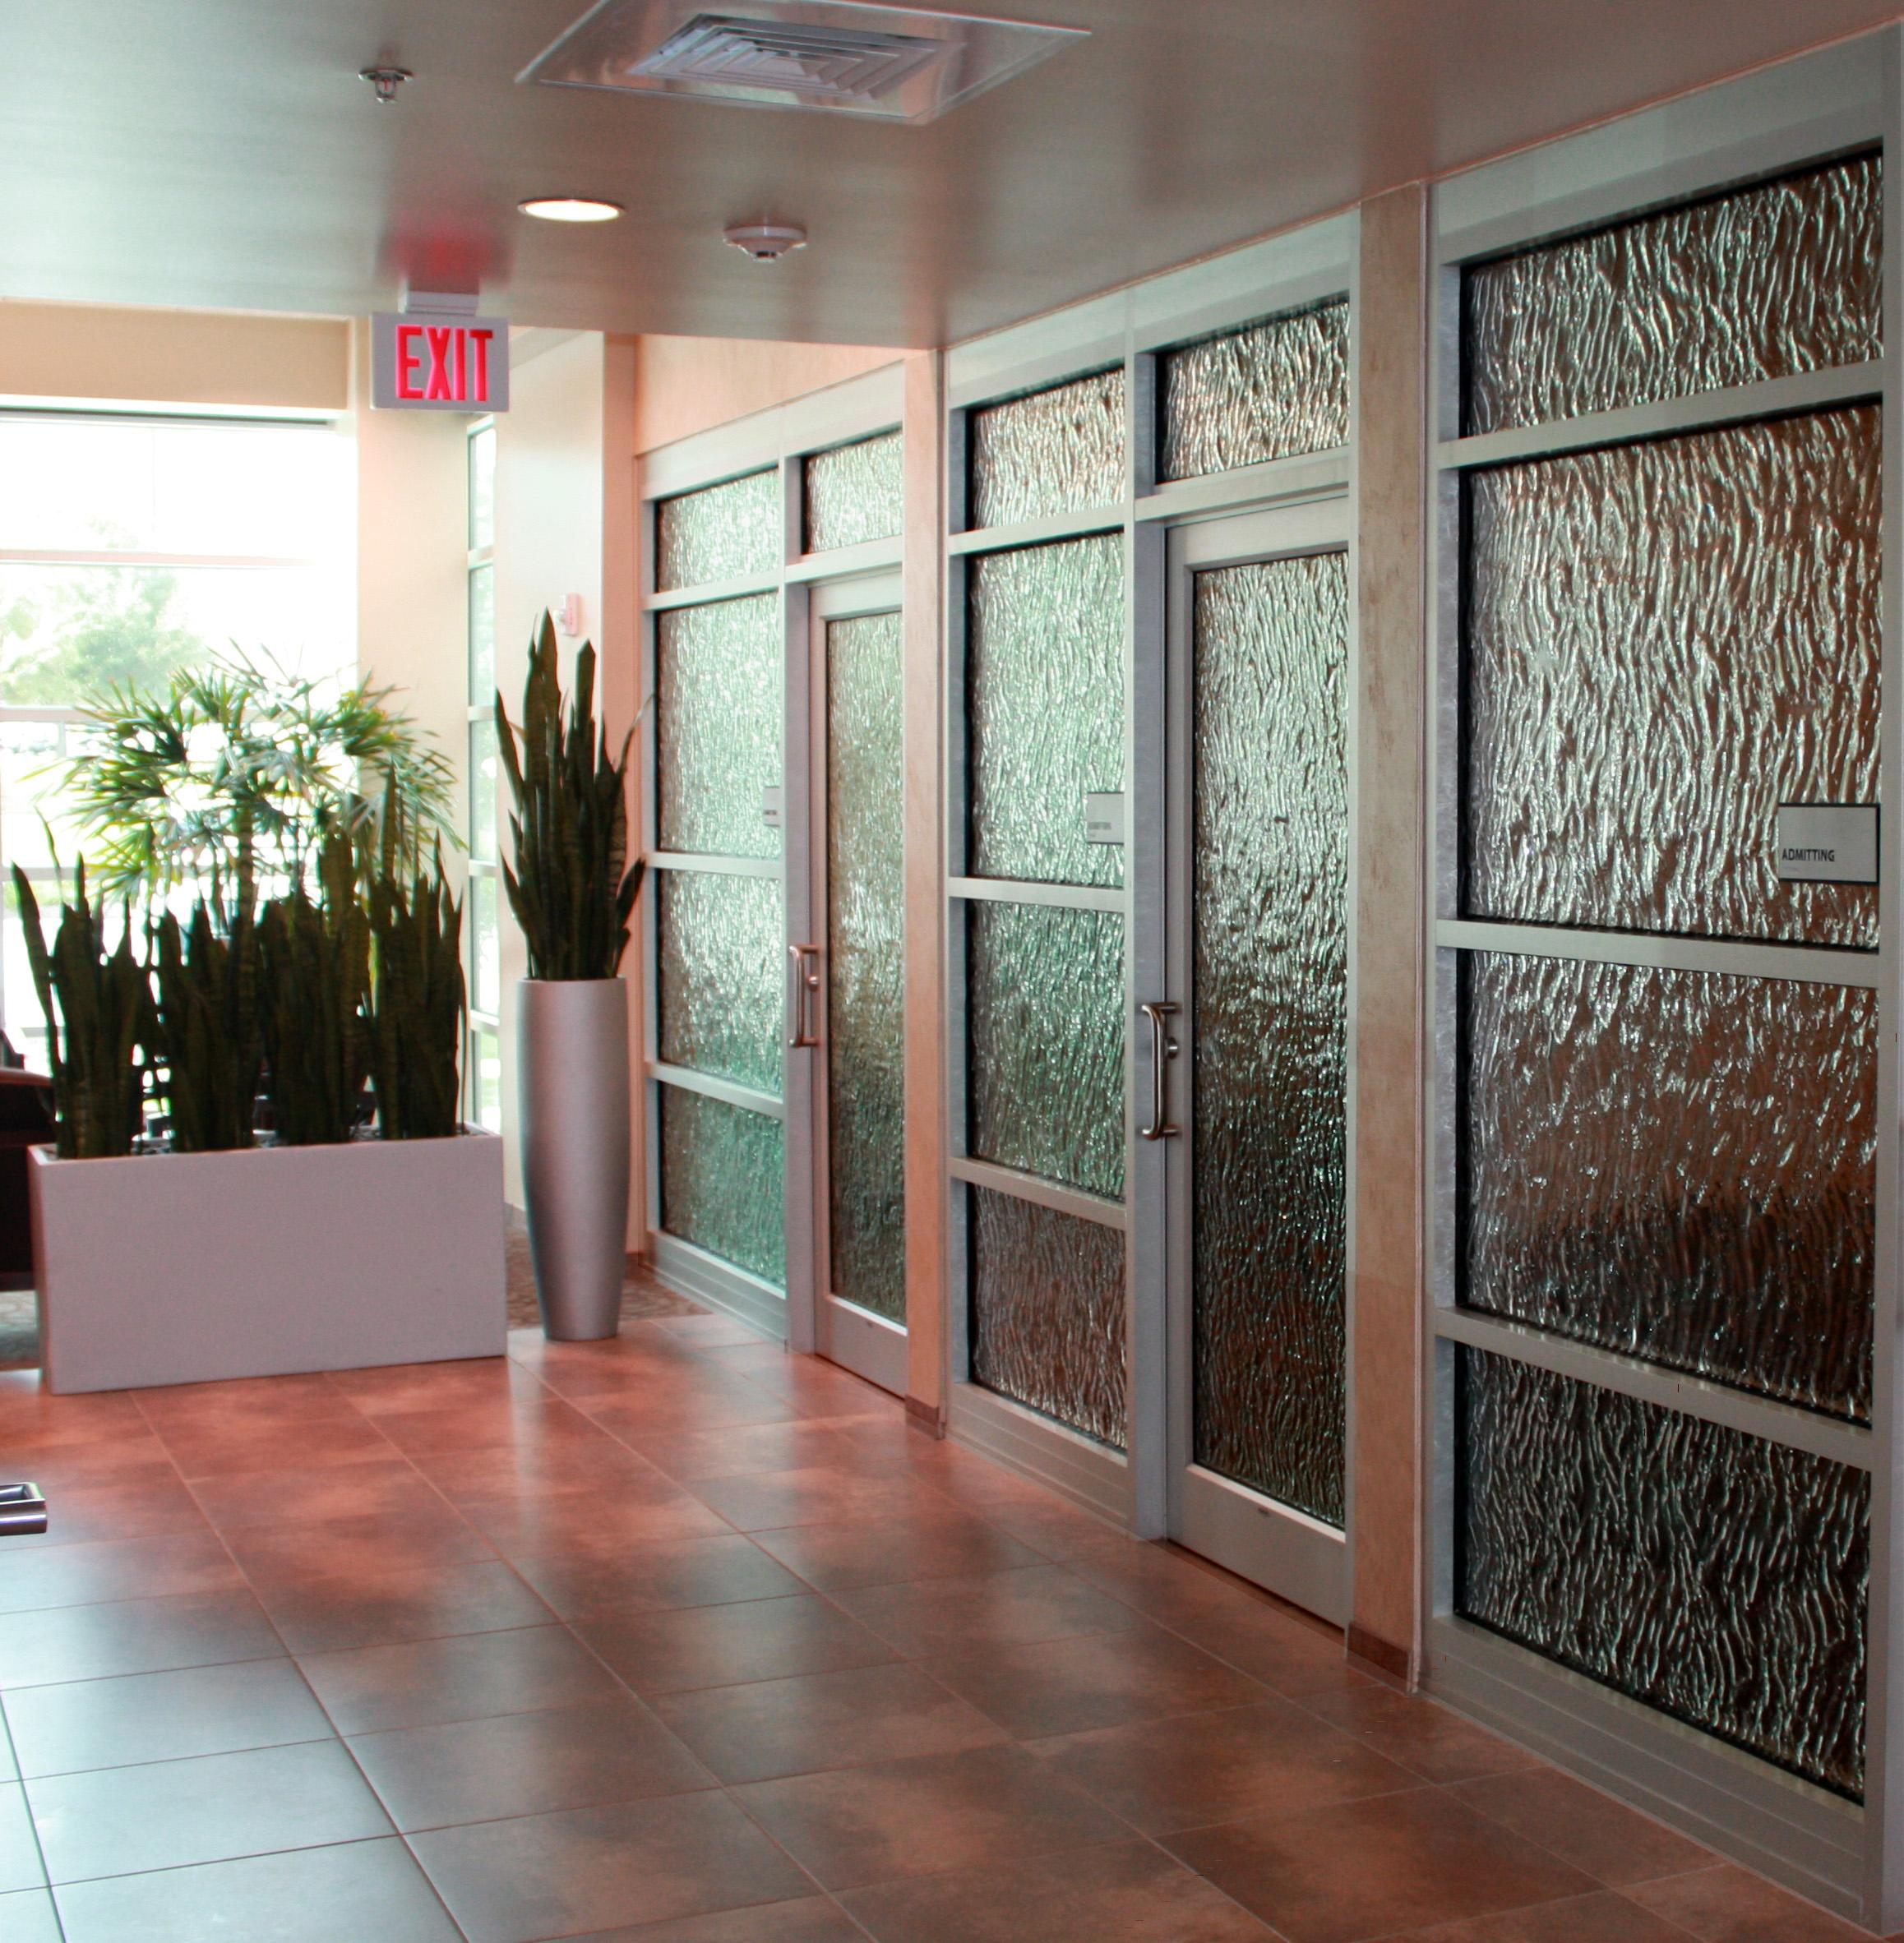 office corridor door glass. Office Corridor Door Glass. Baylor Orthopedic Spine Hospital_3 Glass A C